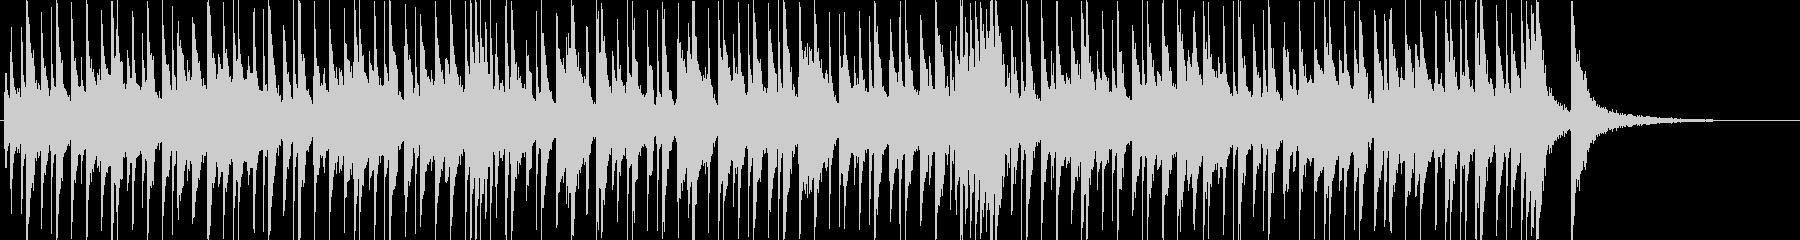 ほのぼのとした口笛風のBGMの未再生の波形